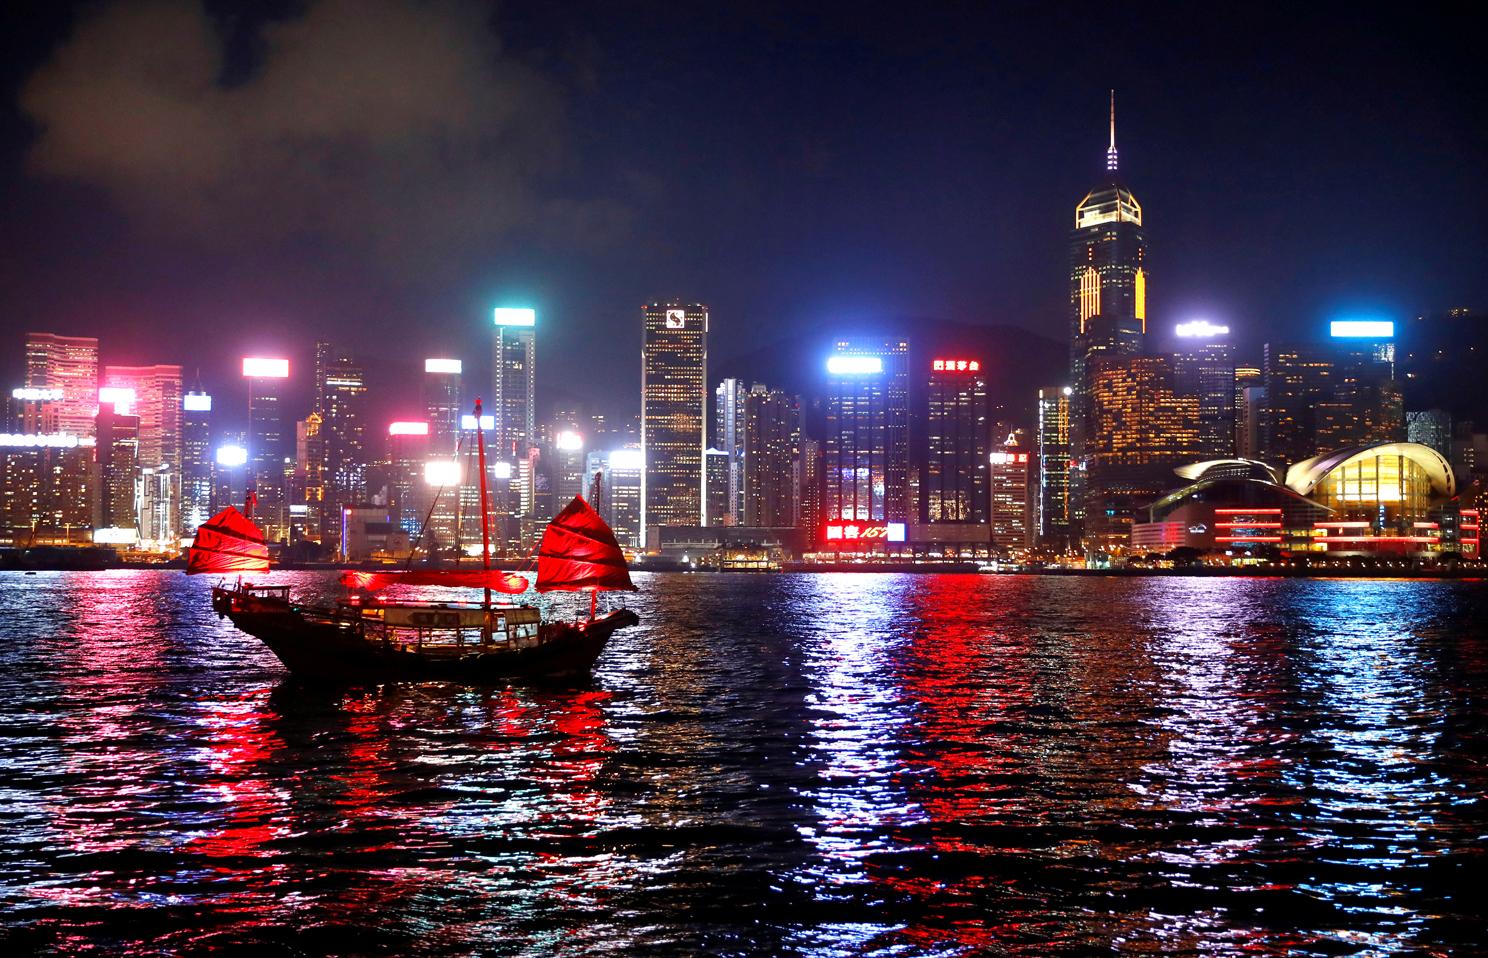 Η νύχτα φέρνει μαζί της τα πιο όμορφα χρώματα καθώς ένα μικρό καράβι διασχίζει την θάλασσα με φόντο την συνοικία Τσιμ Σα Τσούι στο Χονγκ Κονγκ. Στη στεριά συνεχίζονται, στο μεταξύ, οι συγκρούσεις μεταξύ αστυνομίας και διαδηλωτών